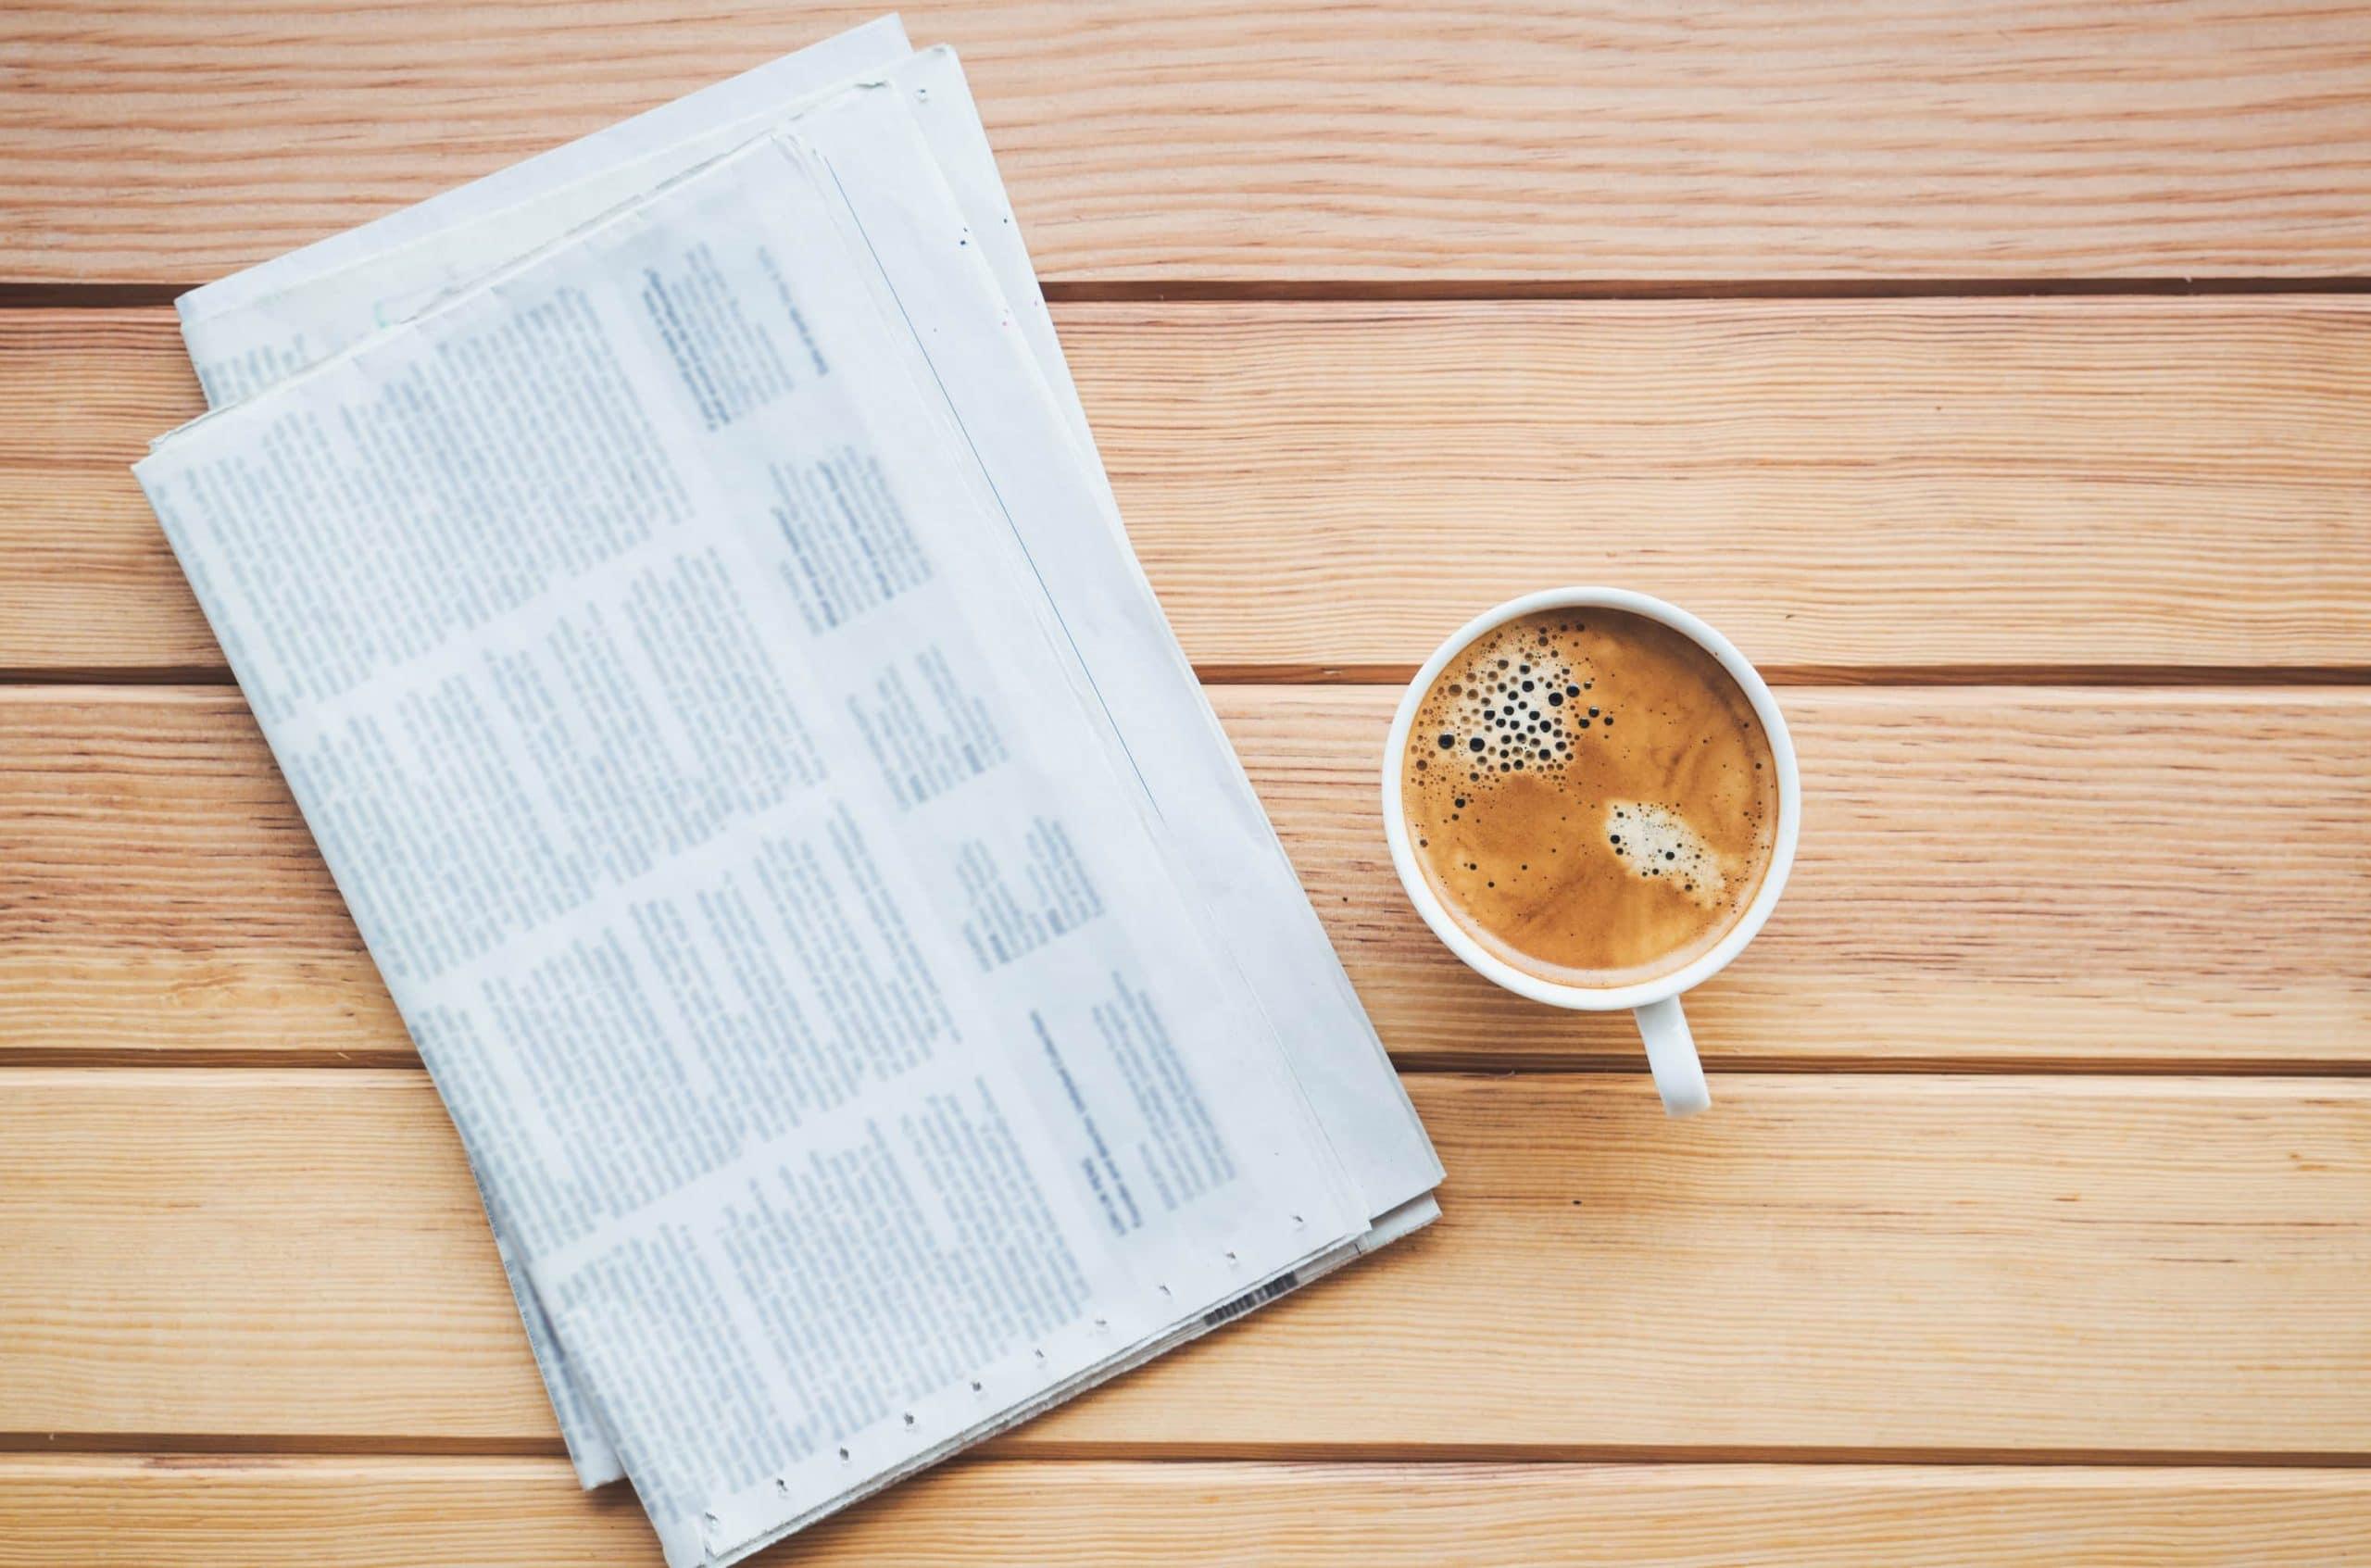 Eine Zeitung liegt zusammen mit einer Kaffeetasse auf einem Tisch.